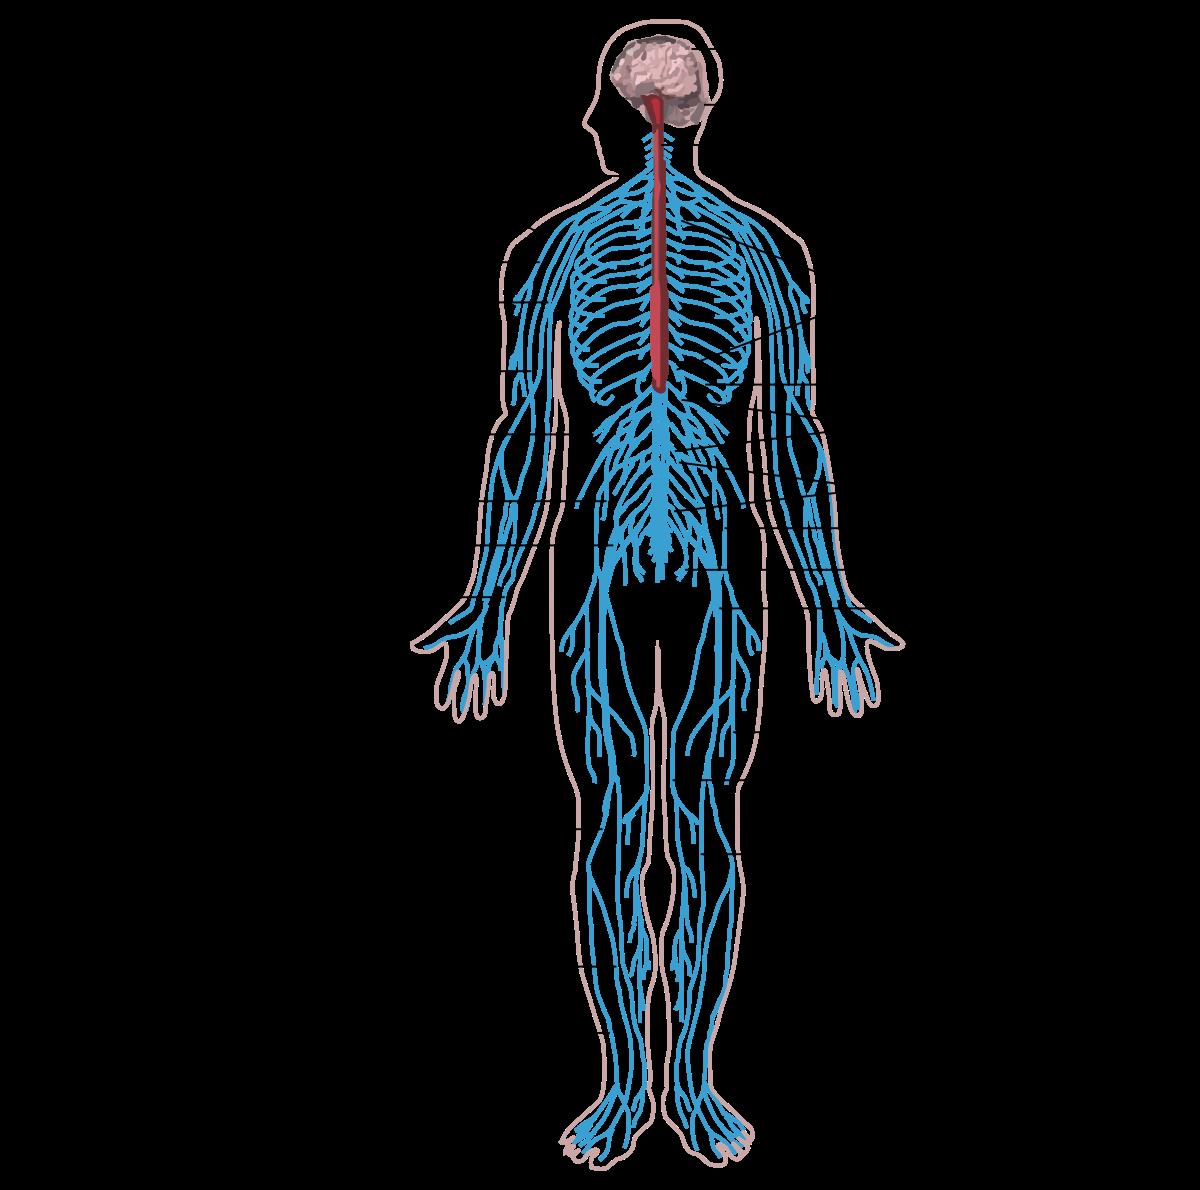 Bélférgesség tünetei és kezelése - A test reakciója a férgek kezelésére